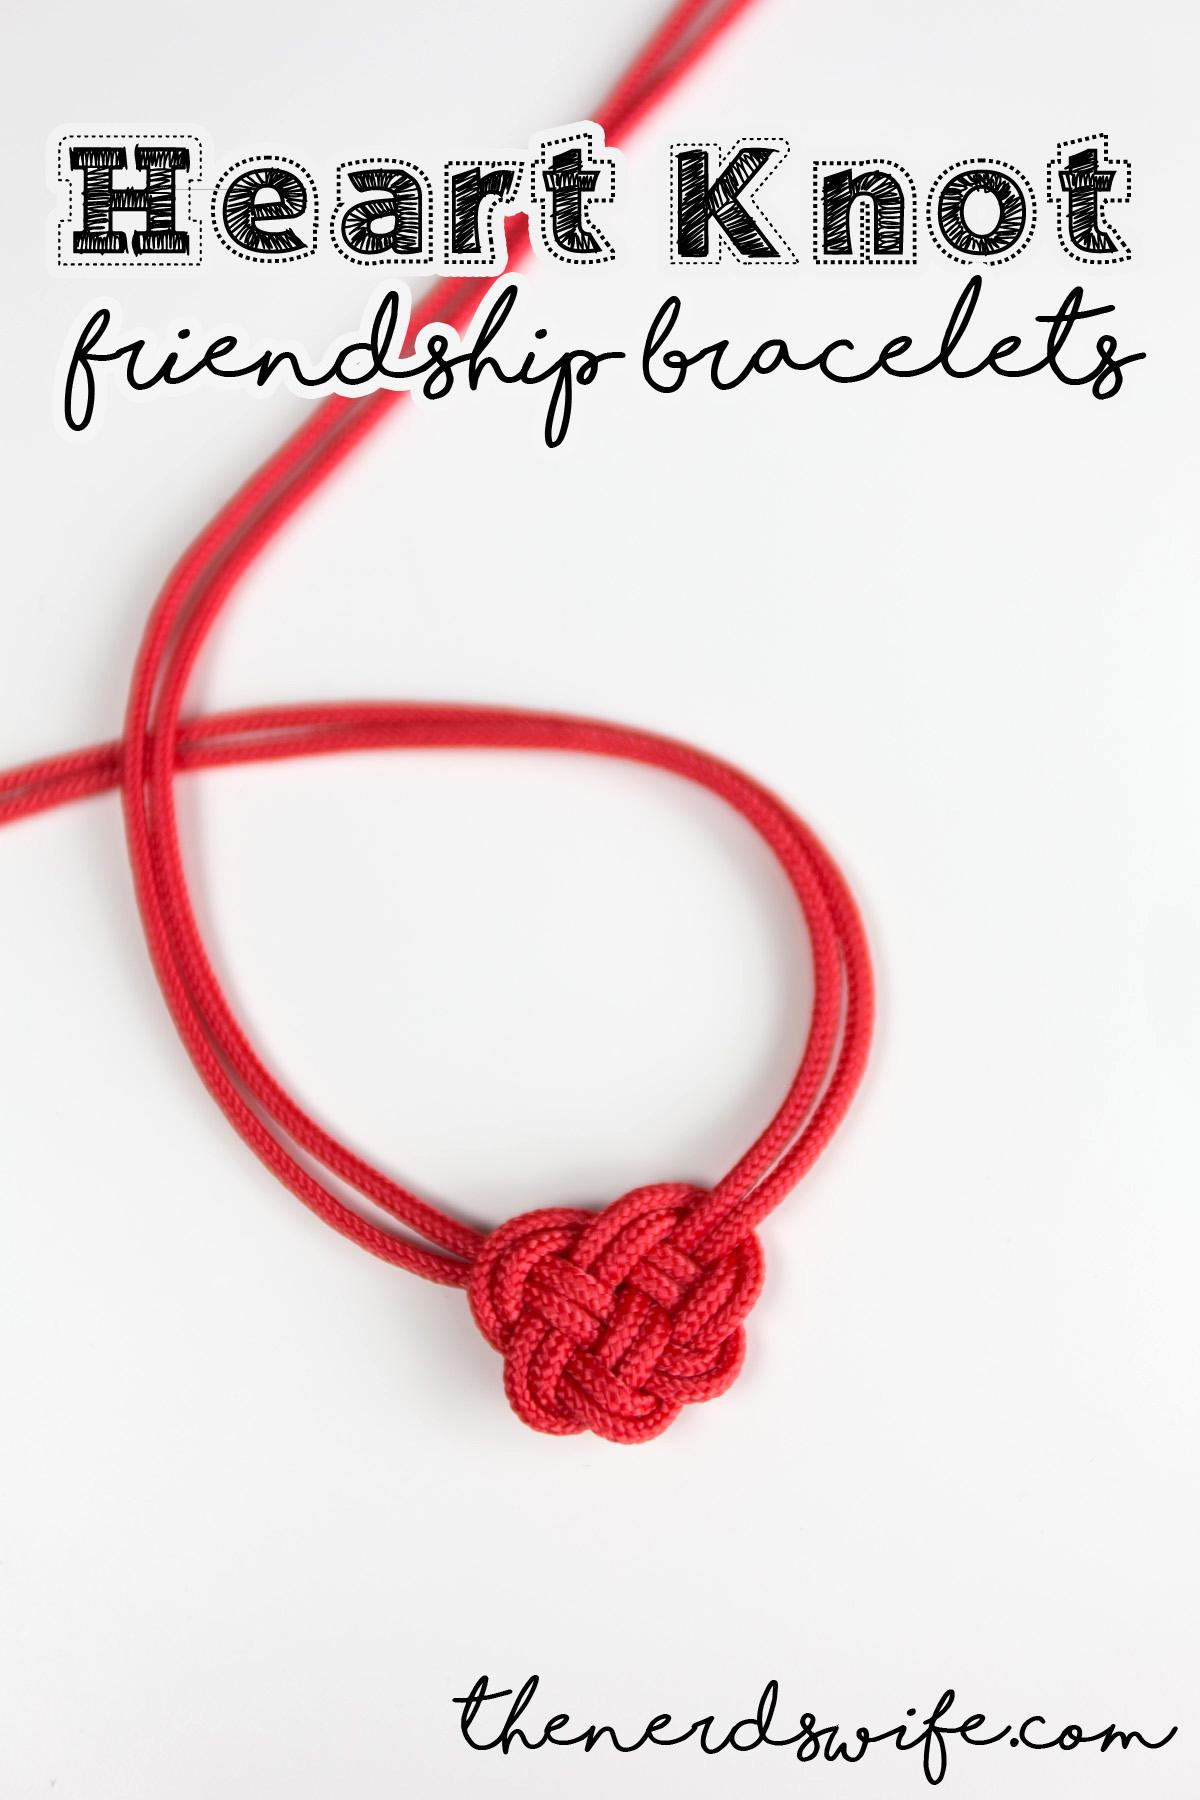 Celtic Heart Knot Friendship Bracelets